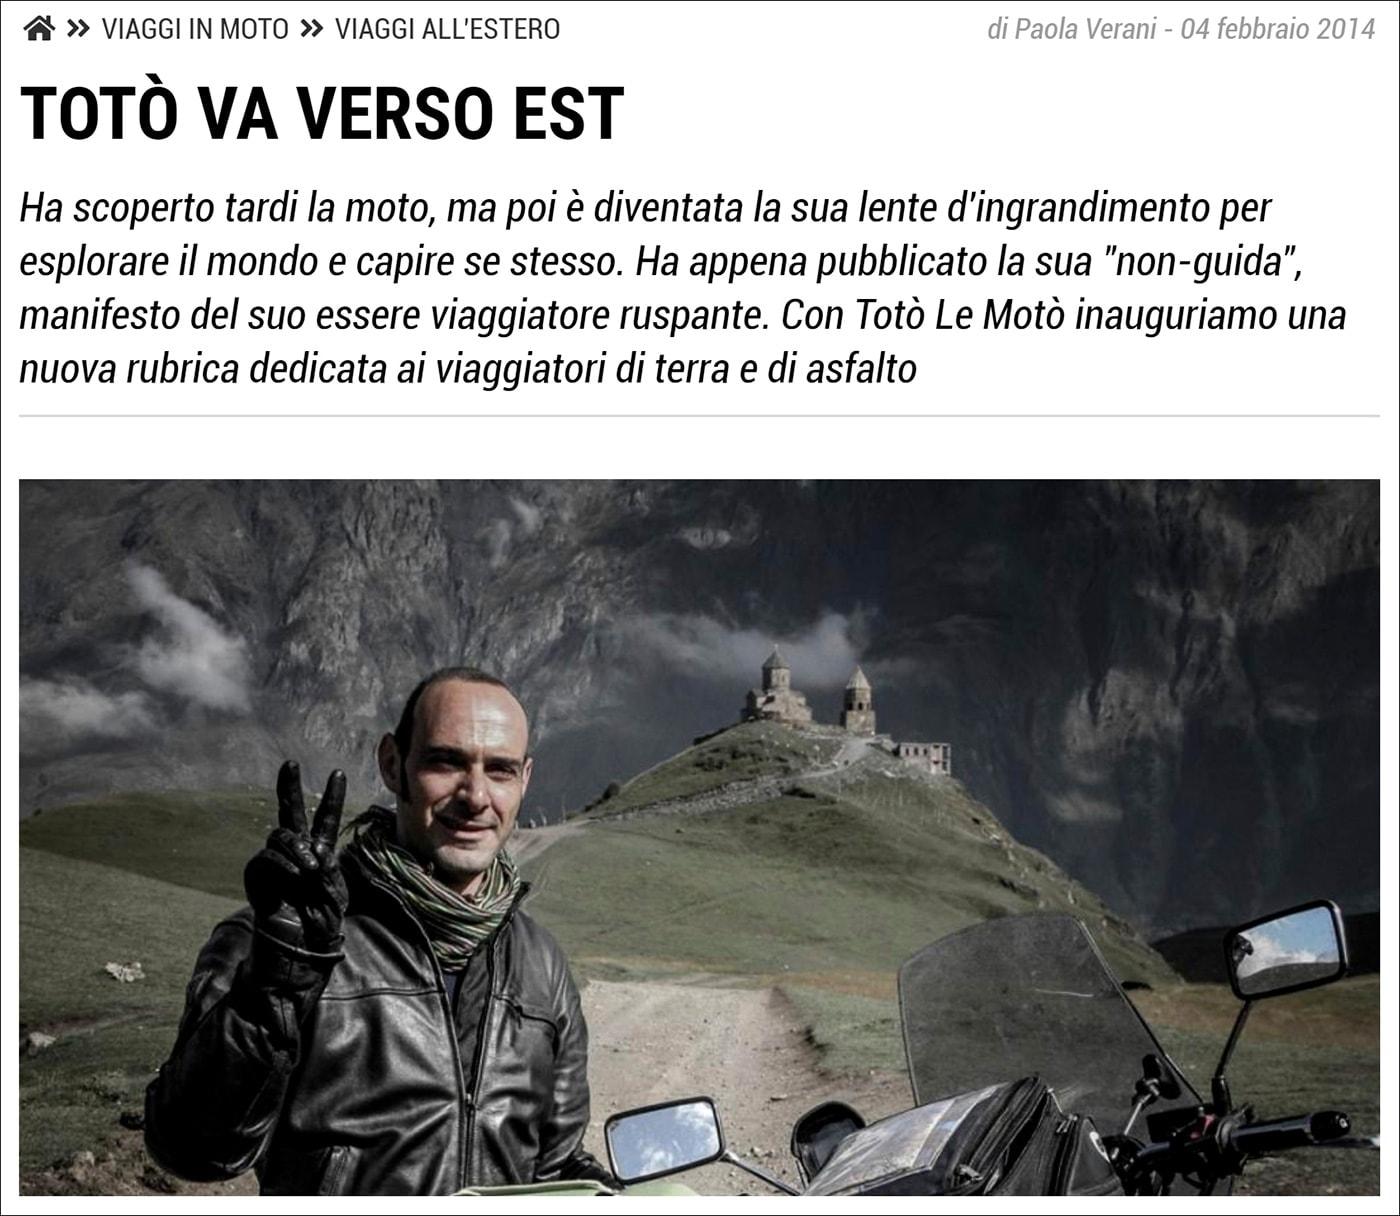 Paola Verani intervista Totò Le Motò per Motociclismo